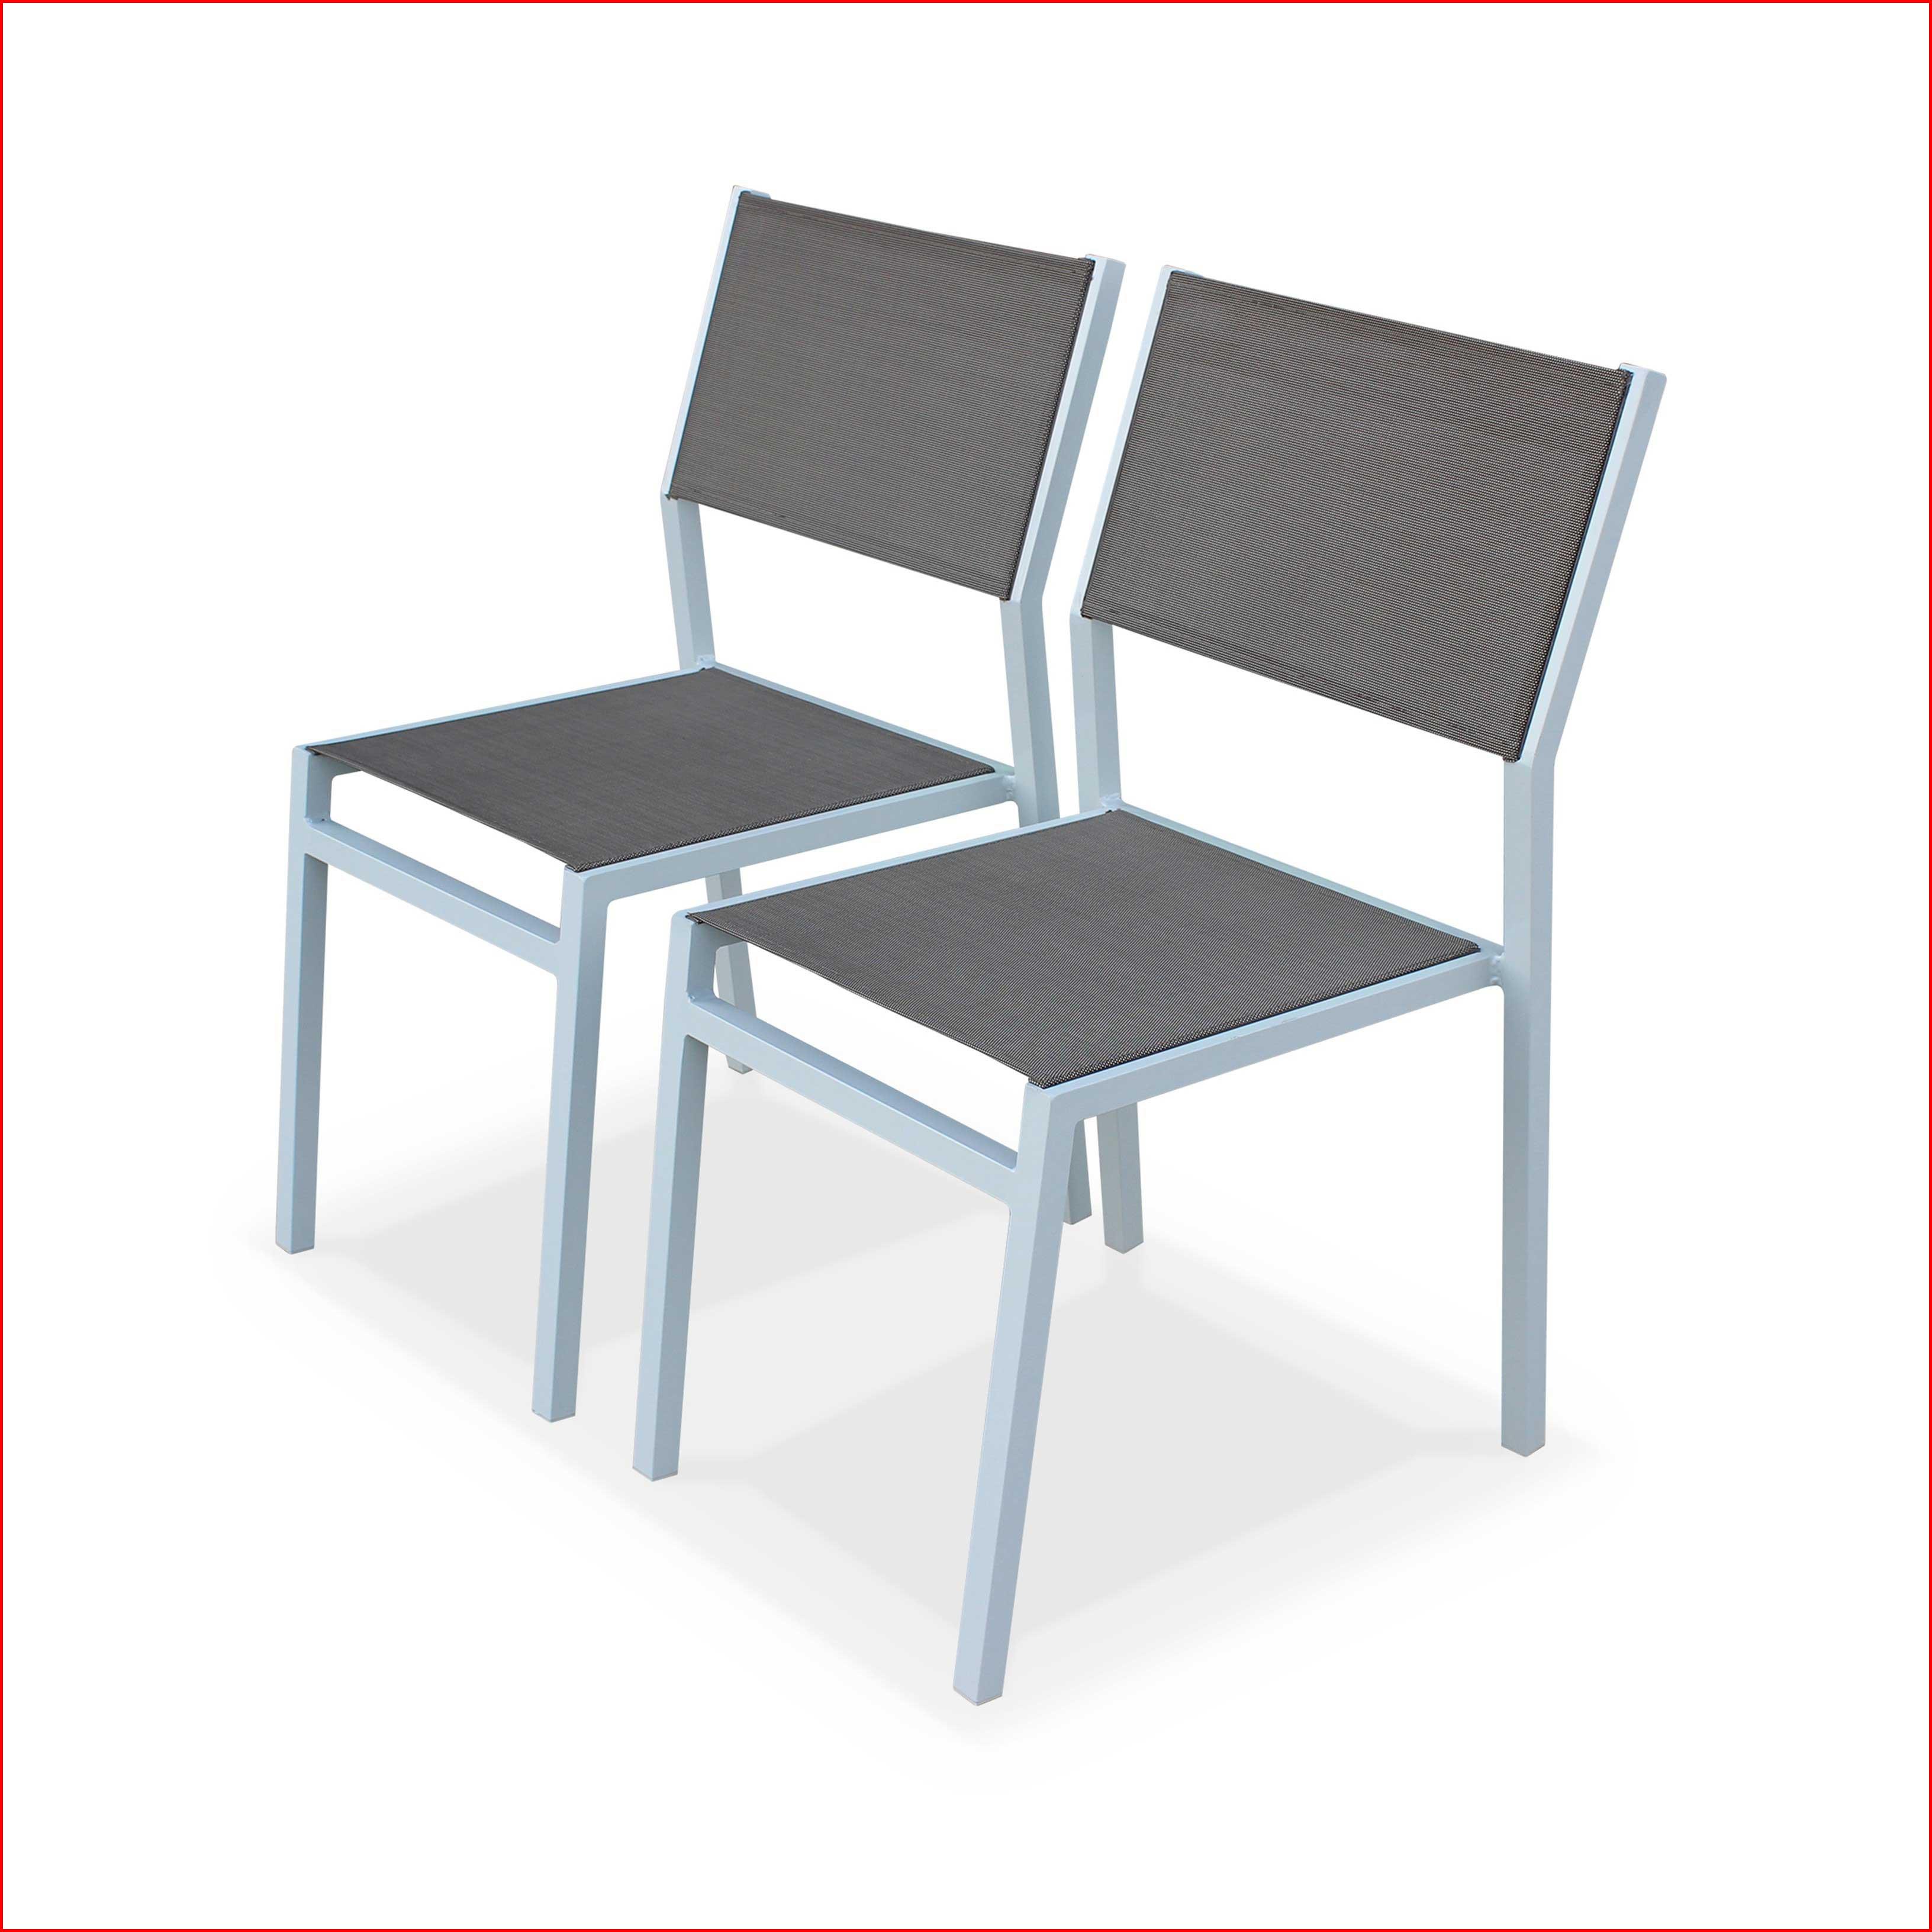 Chaise de jardin alu blanc - veranda-styledevie.fr